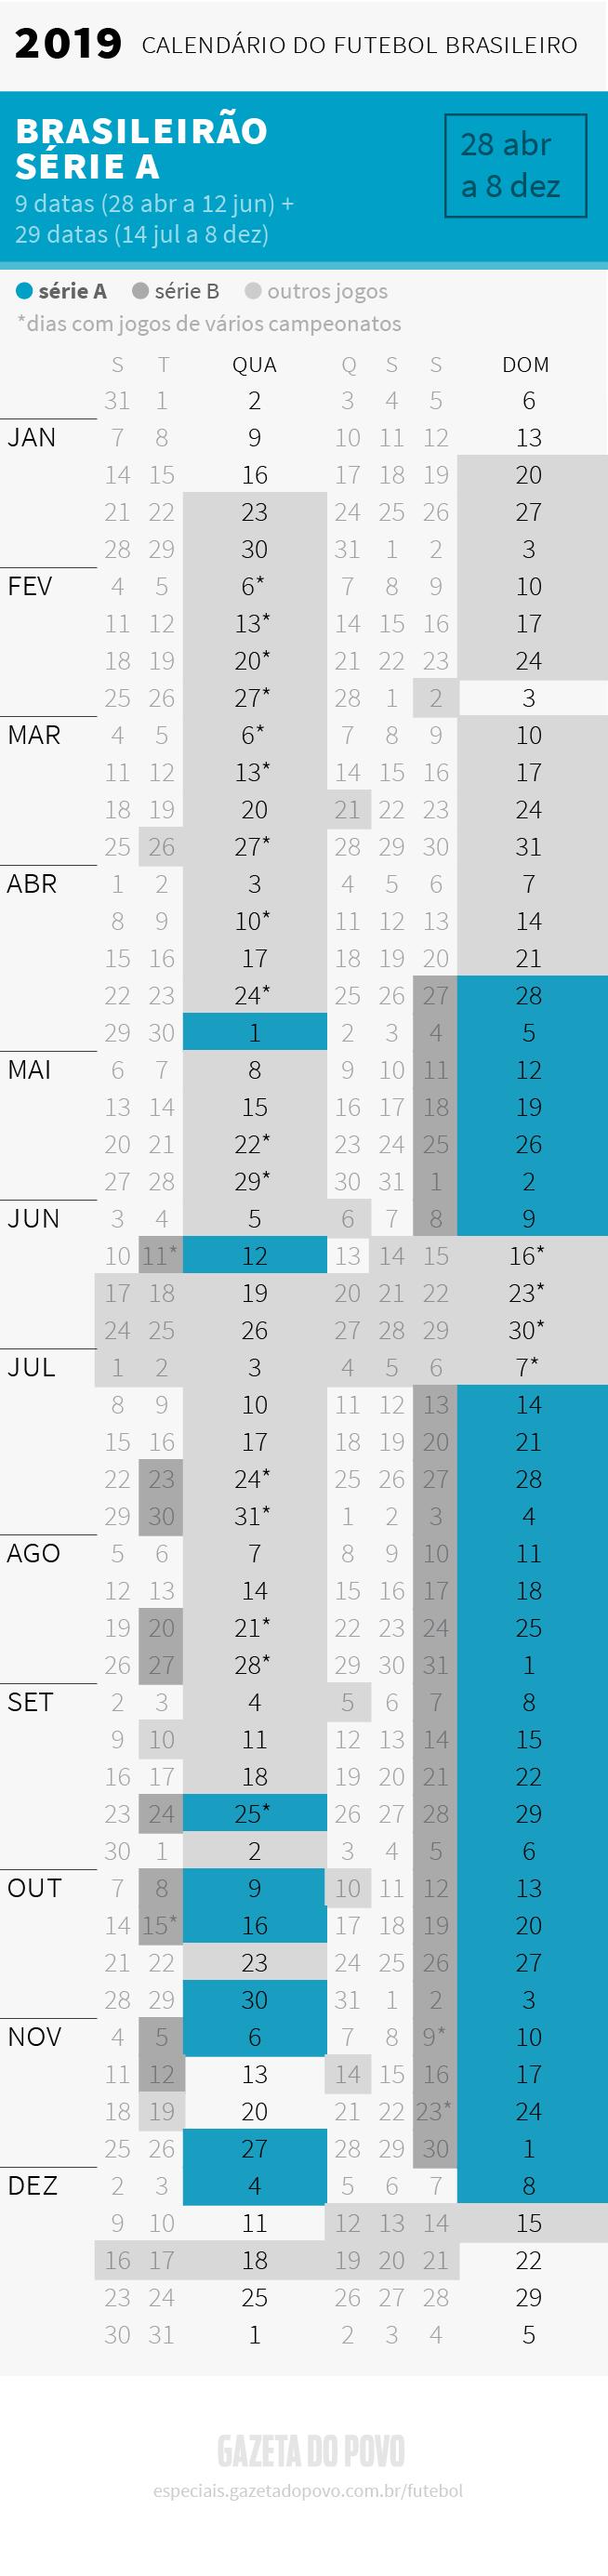 Calendário do Campeonato Brasileiro 2019 – Série A com a data de todos os jogos. A série A do Brasileirão começa em 28 de abril, com jogos aos domingos e quartas-feiras.